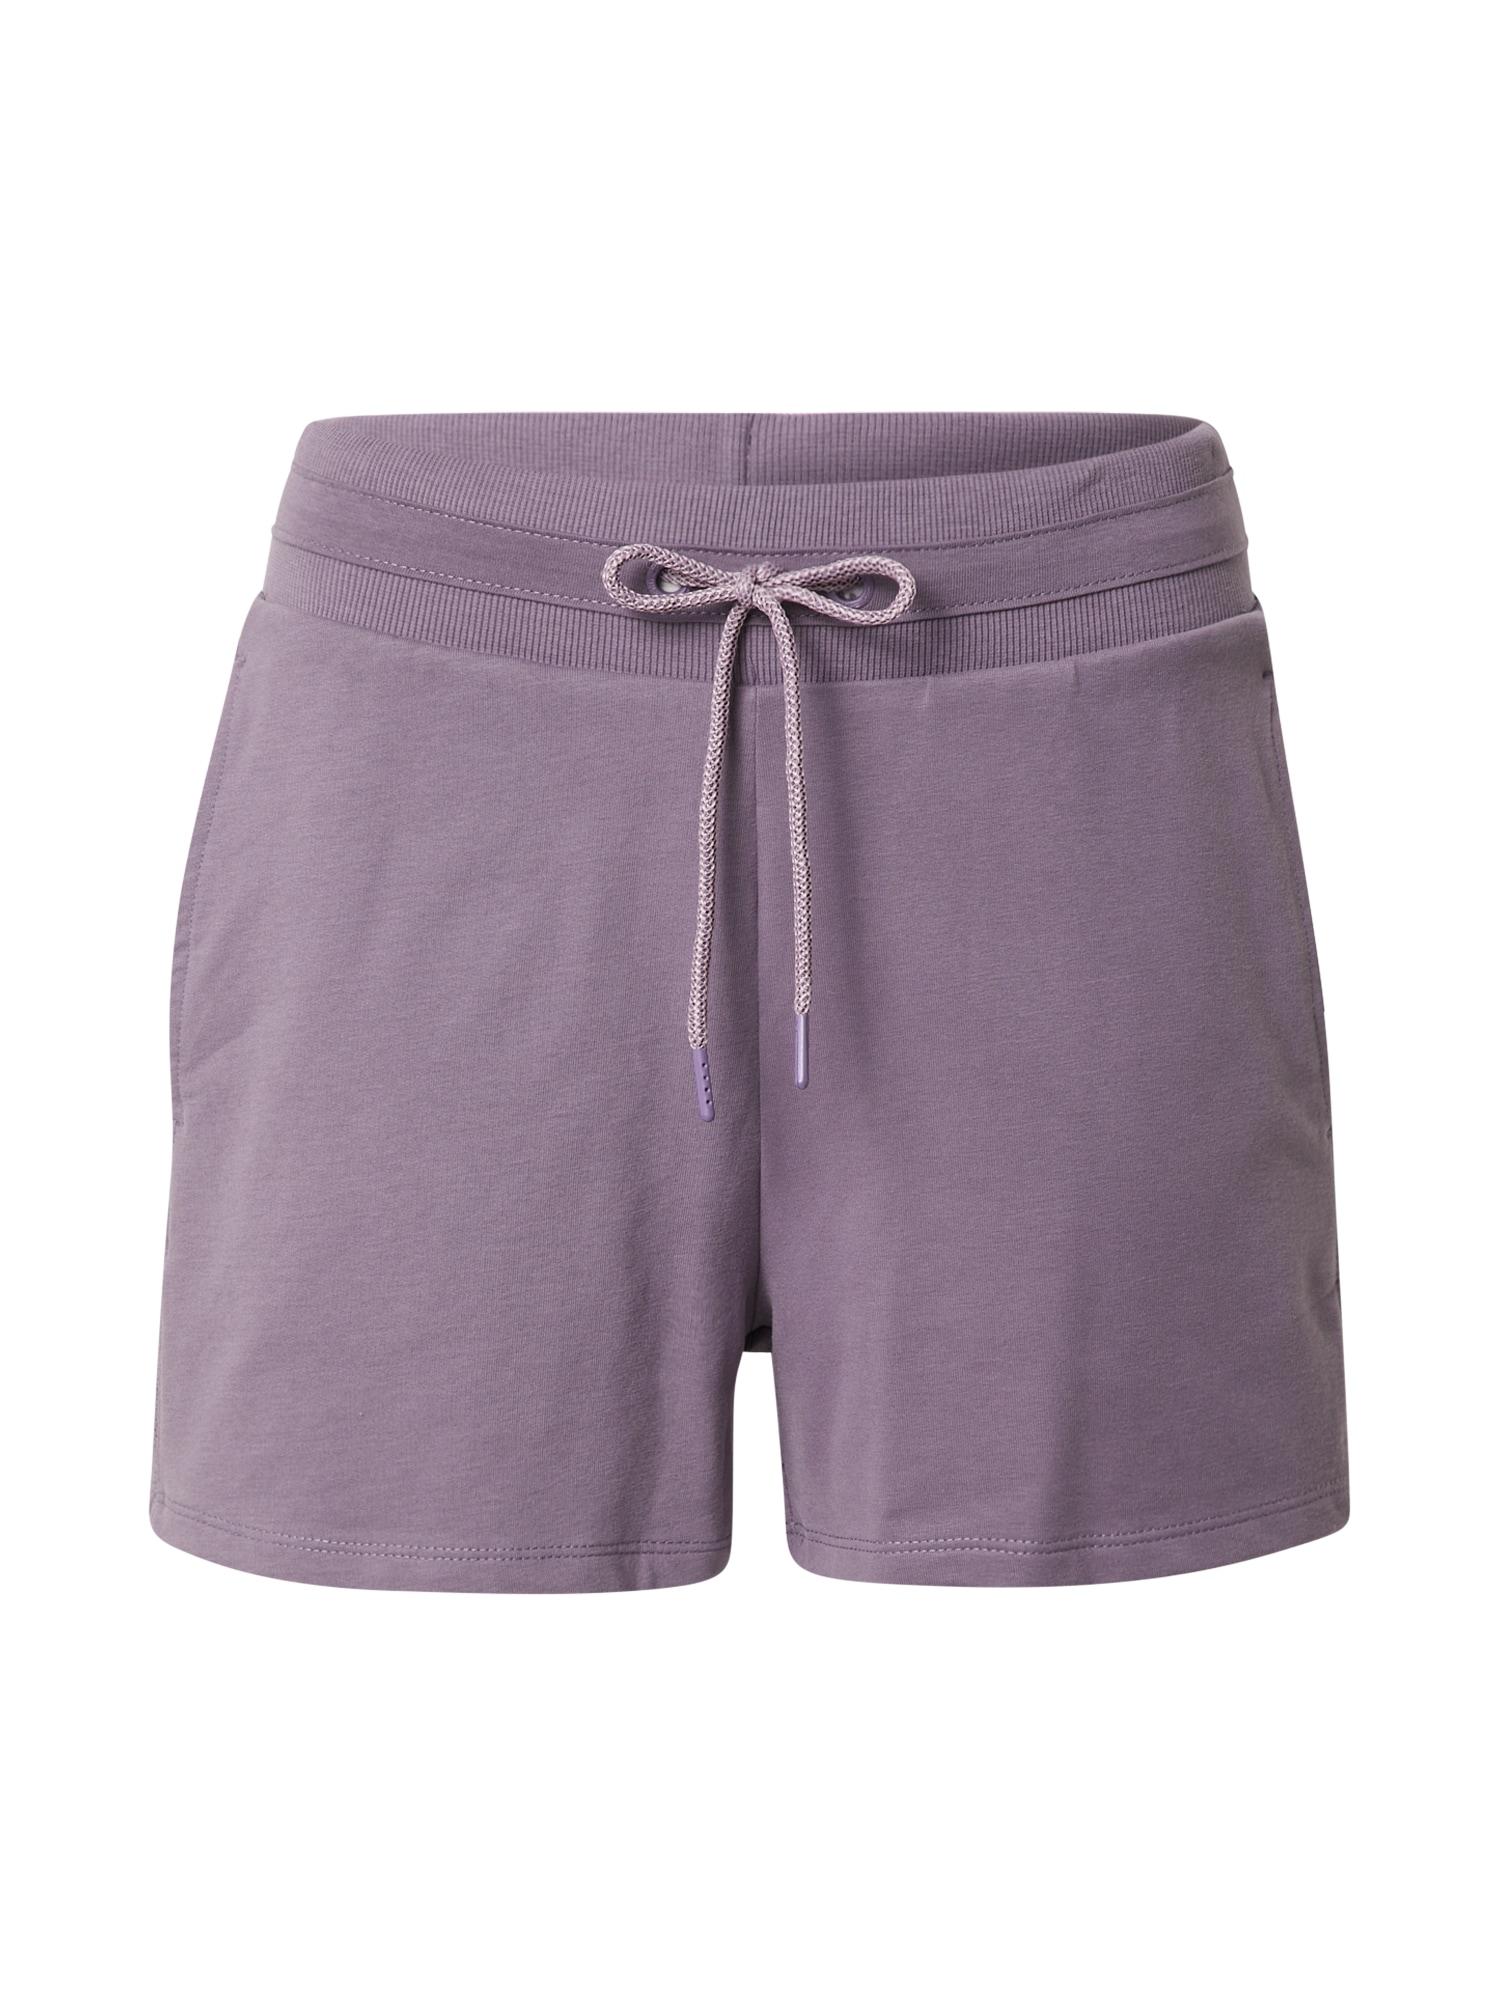 ESPRIT SPORT Sportinės kelnės rausvai violetinė spalva